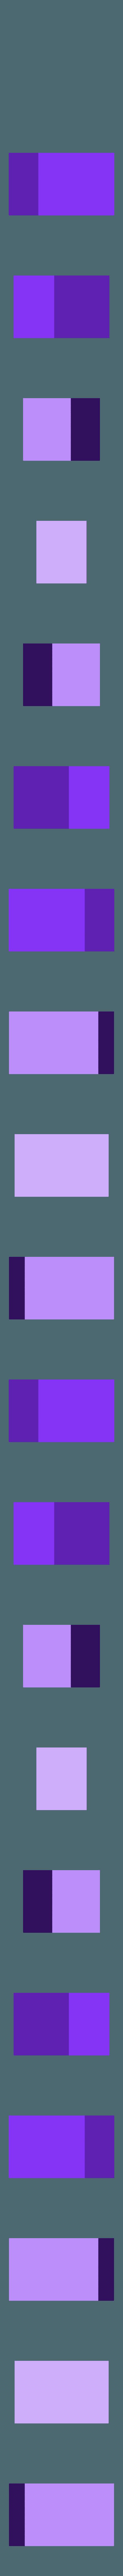 case_15x8.stl Télécharger fichier STL gratuit Support de système de stockage multi-box • Modèle pour imprimante 3D, vmi